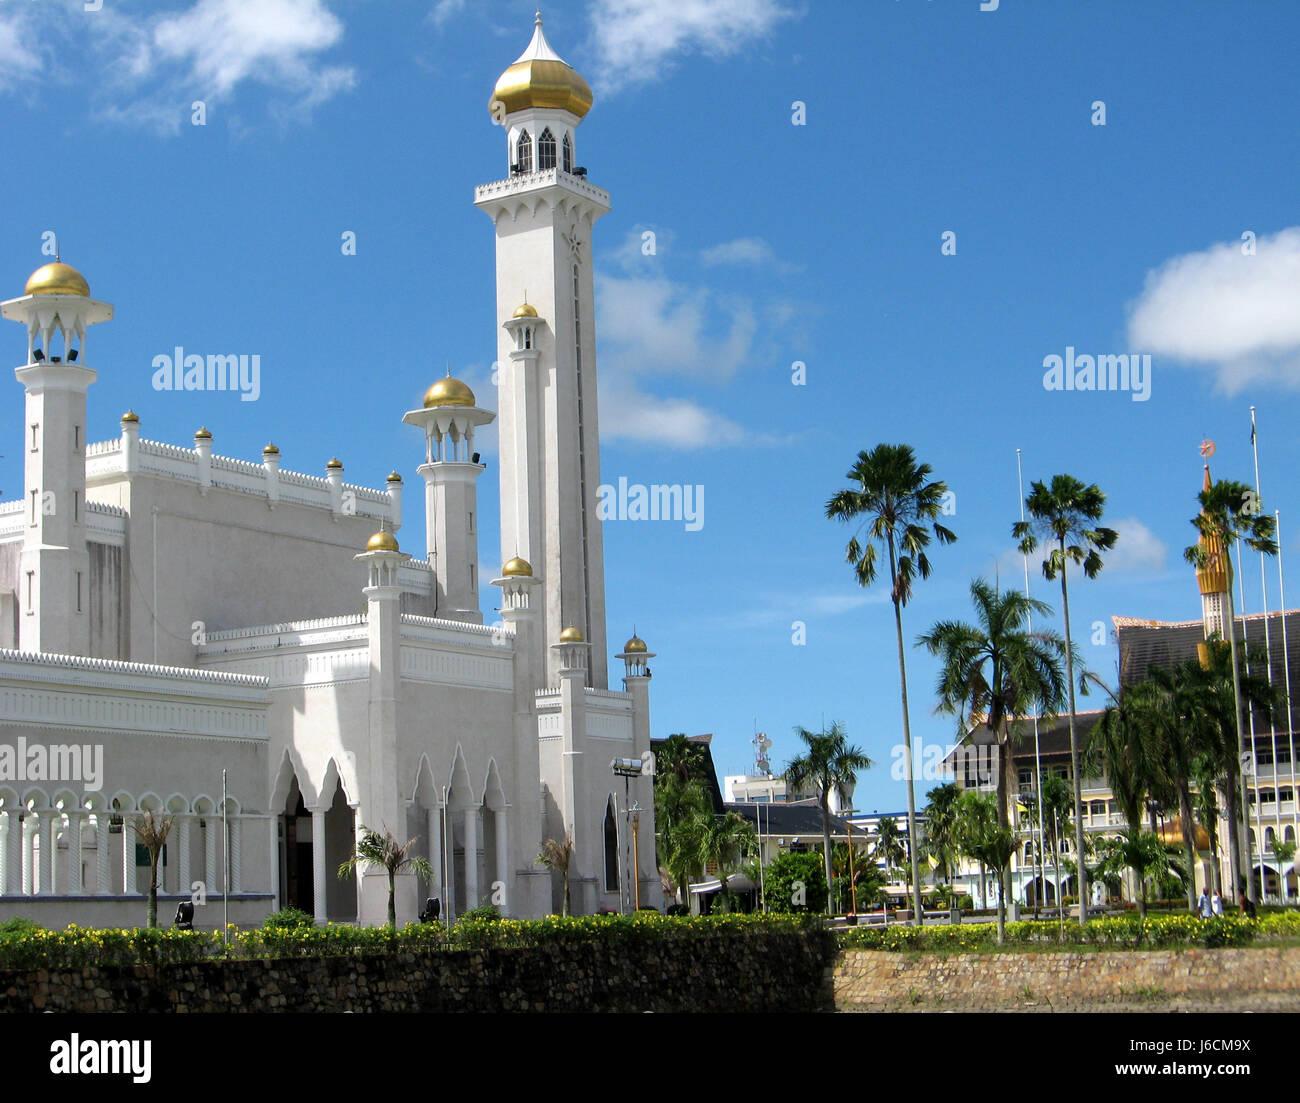 religion asia borneo mosque sultanate brunei blue tourism